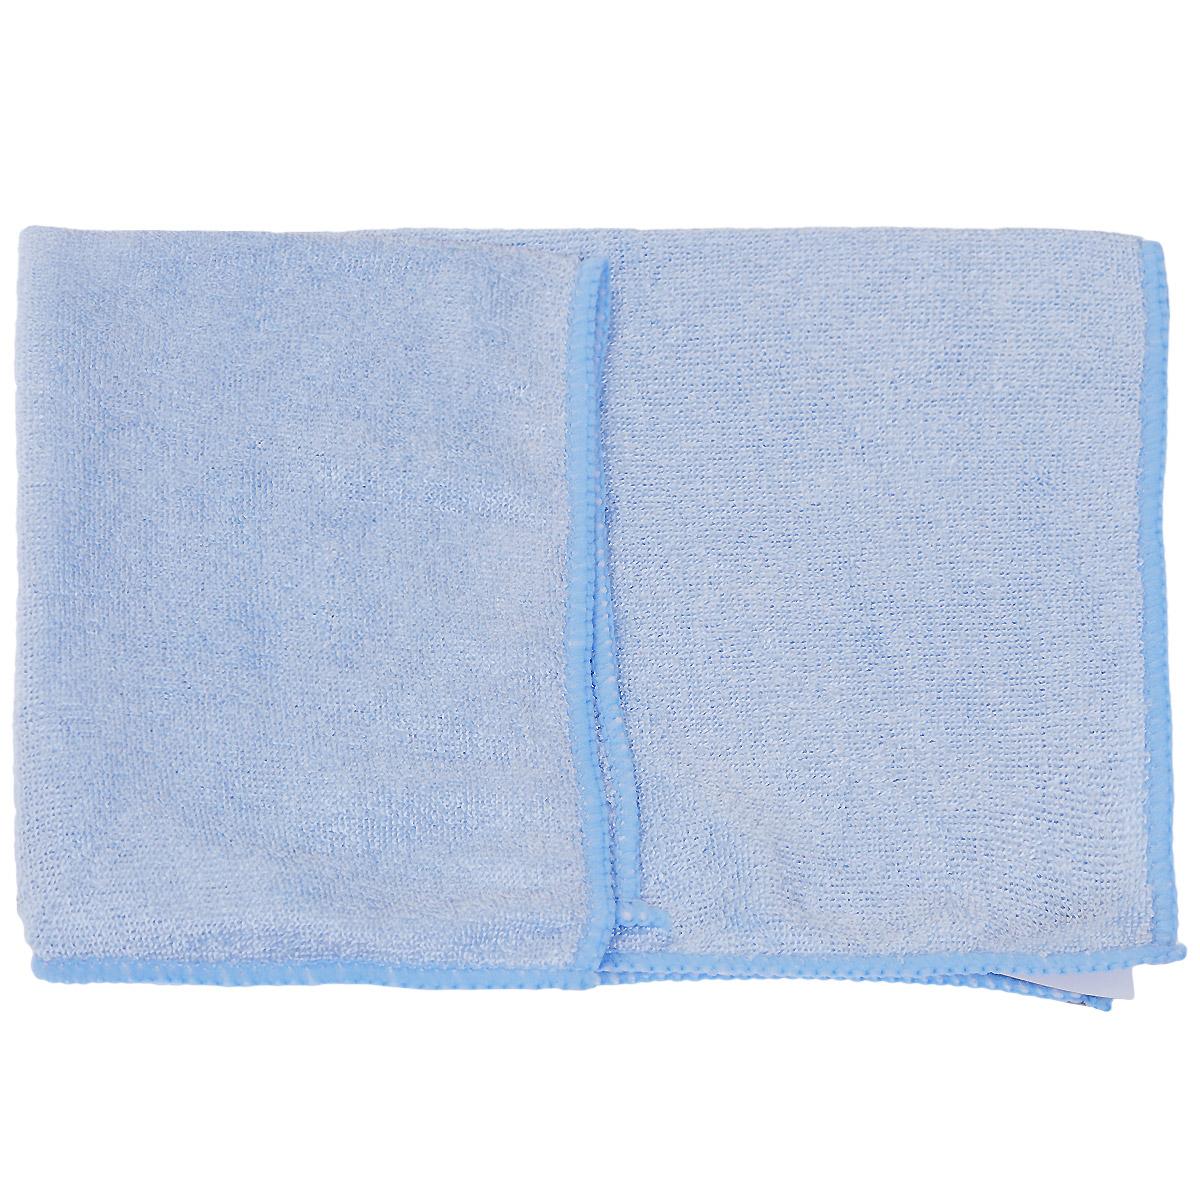 Салфетка Clingo для ухода за автомобилем, универсальная, цвет: голубой, 32 см х 32 см салфетка универсальная vileda микрофибра цвет розовый 32 х 32 см